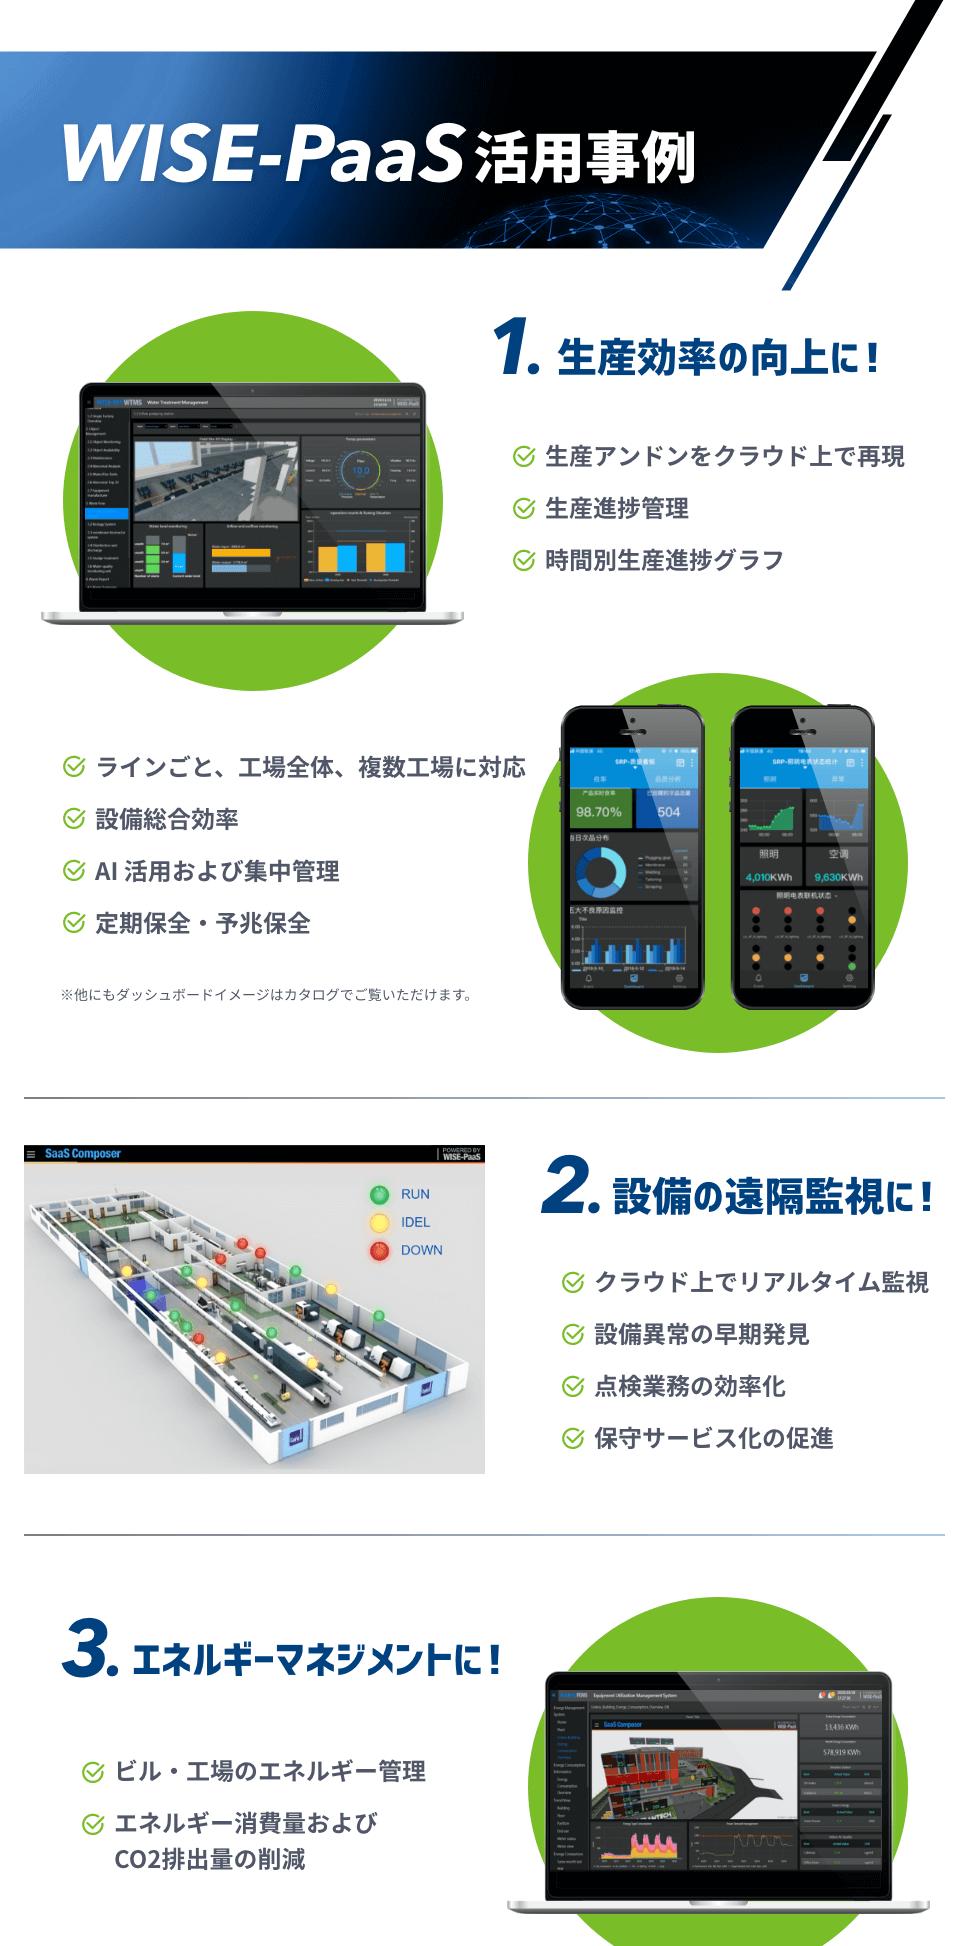 WISE-PaaS活用事例 1.生産効率の向上に! 2.設備の遠隔監視に! 3.エネルギーマネジメントに!